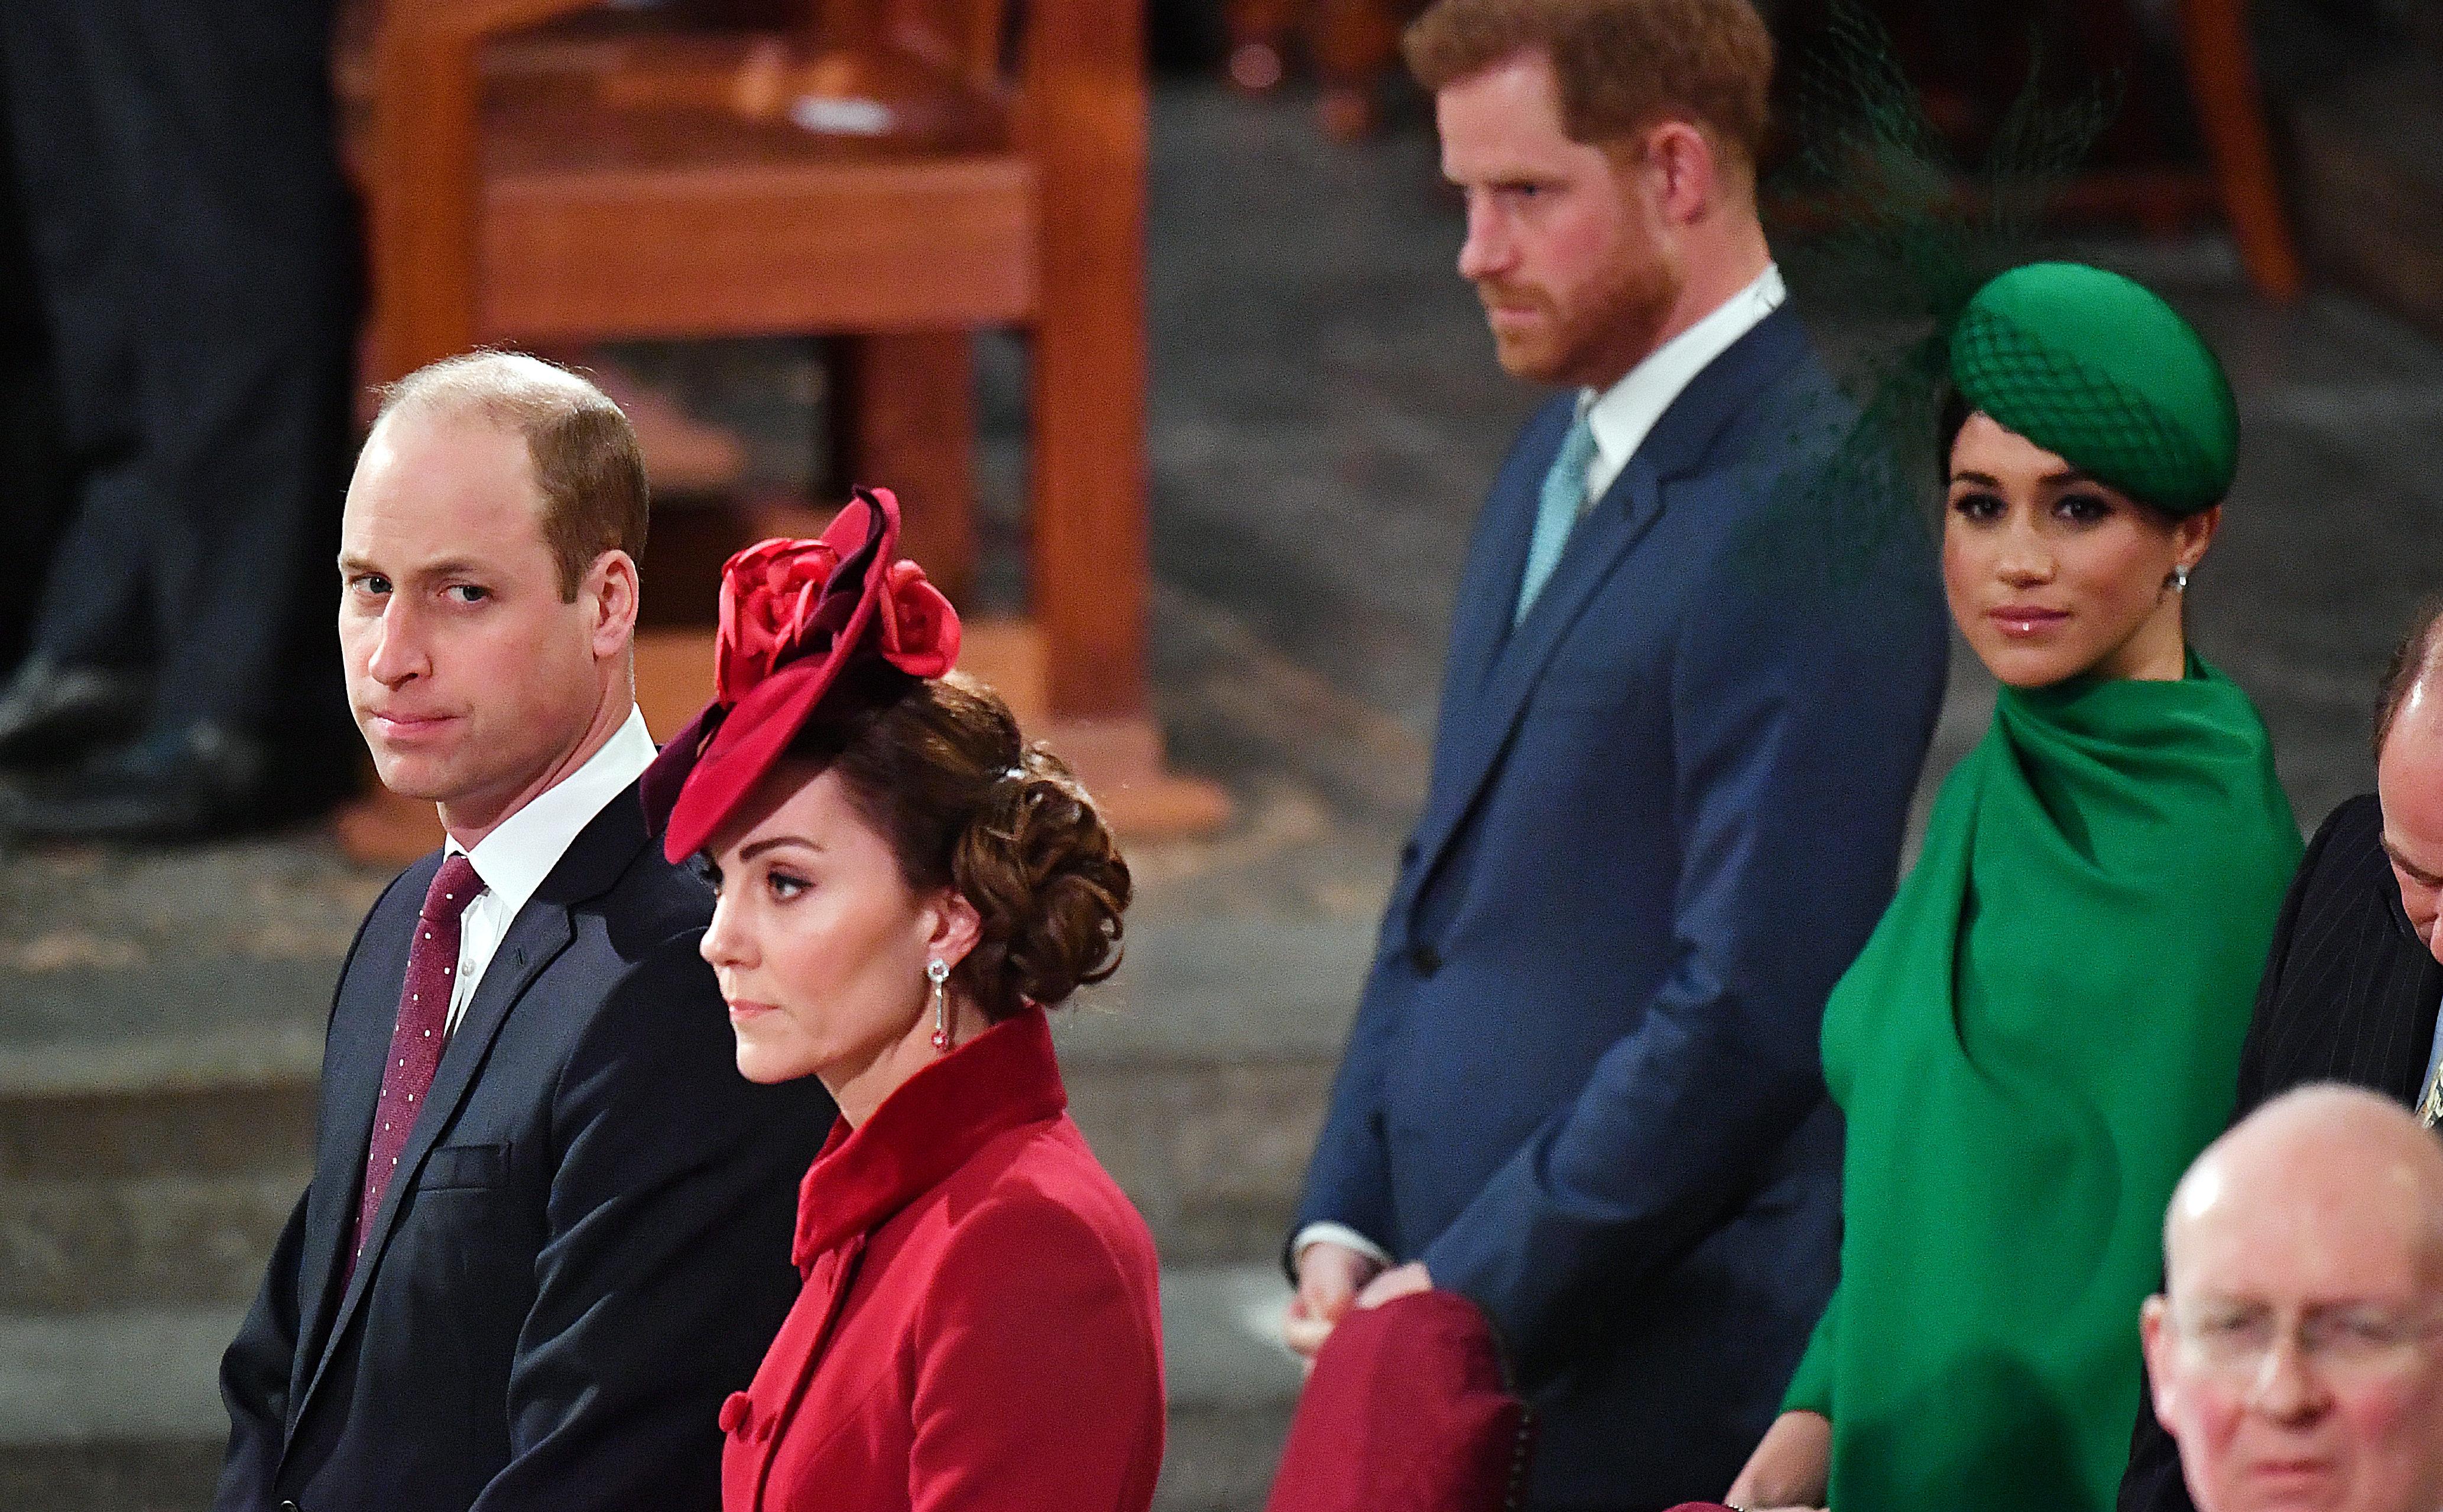 Общий выход после «Мегзита»: Меган Маркл и принц Гарри, Кейт Миддлтон и принц Уильям на службе в Вестминстерском аббатстве